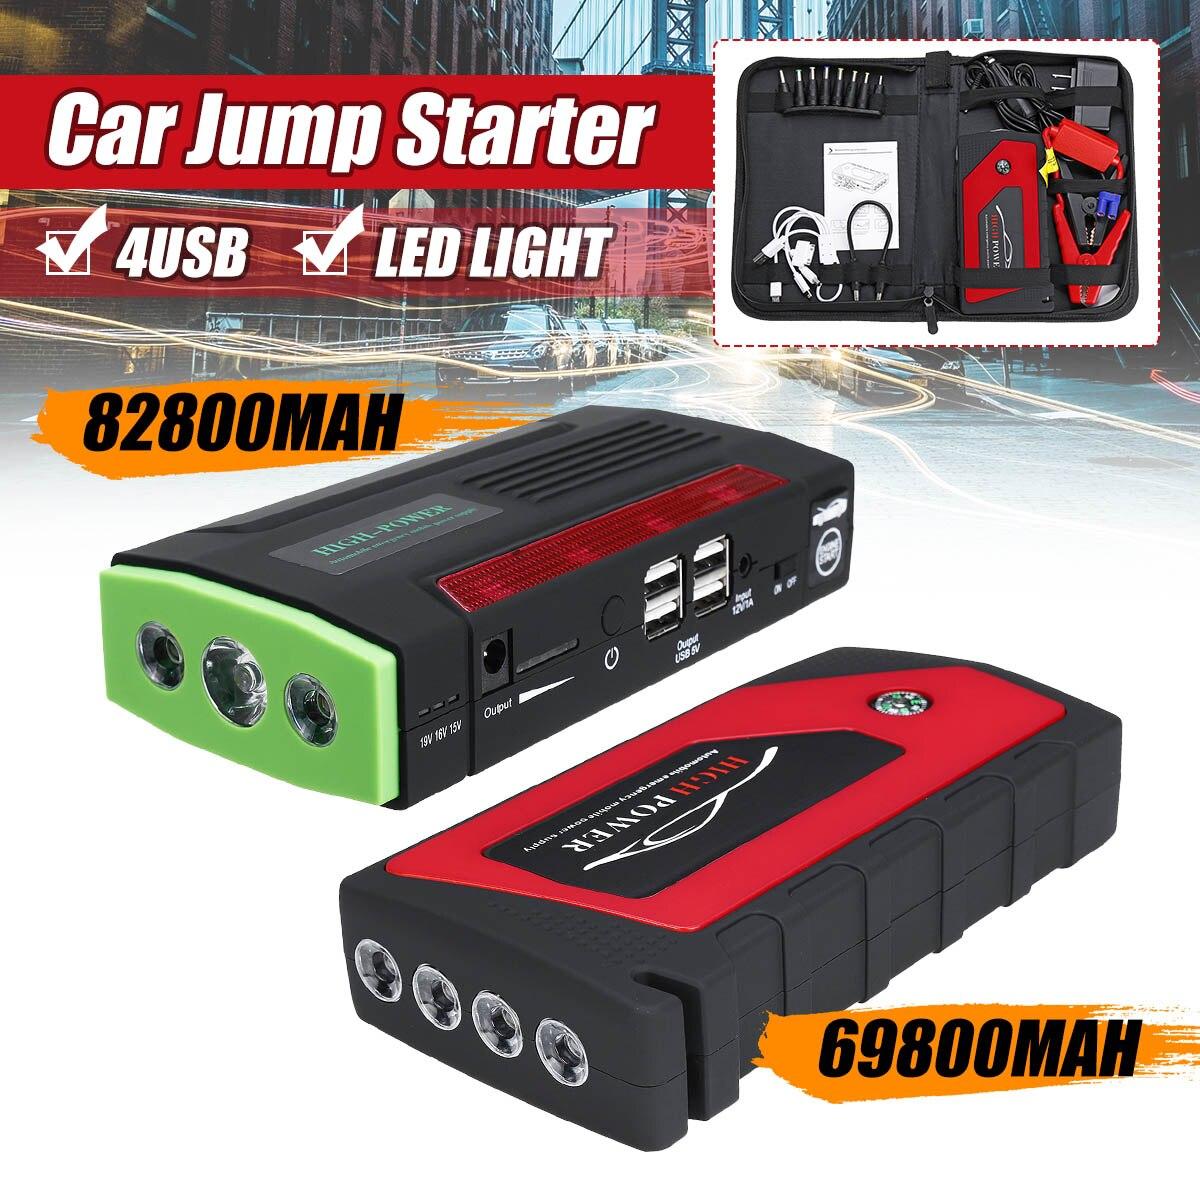 69800 mAh 4 USB voiture saut démarreur Pack chargeur Portable Booster batterie externe Battery82800mAh 4 USB voiture J